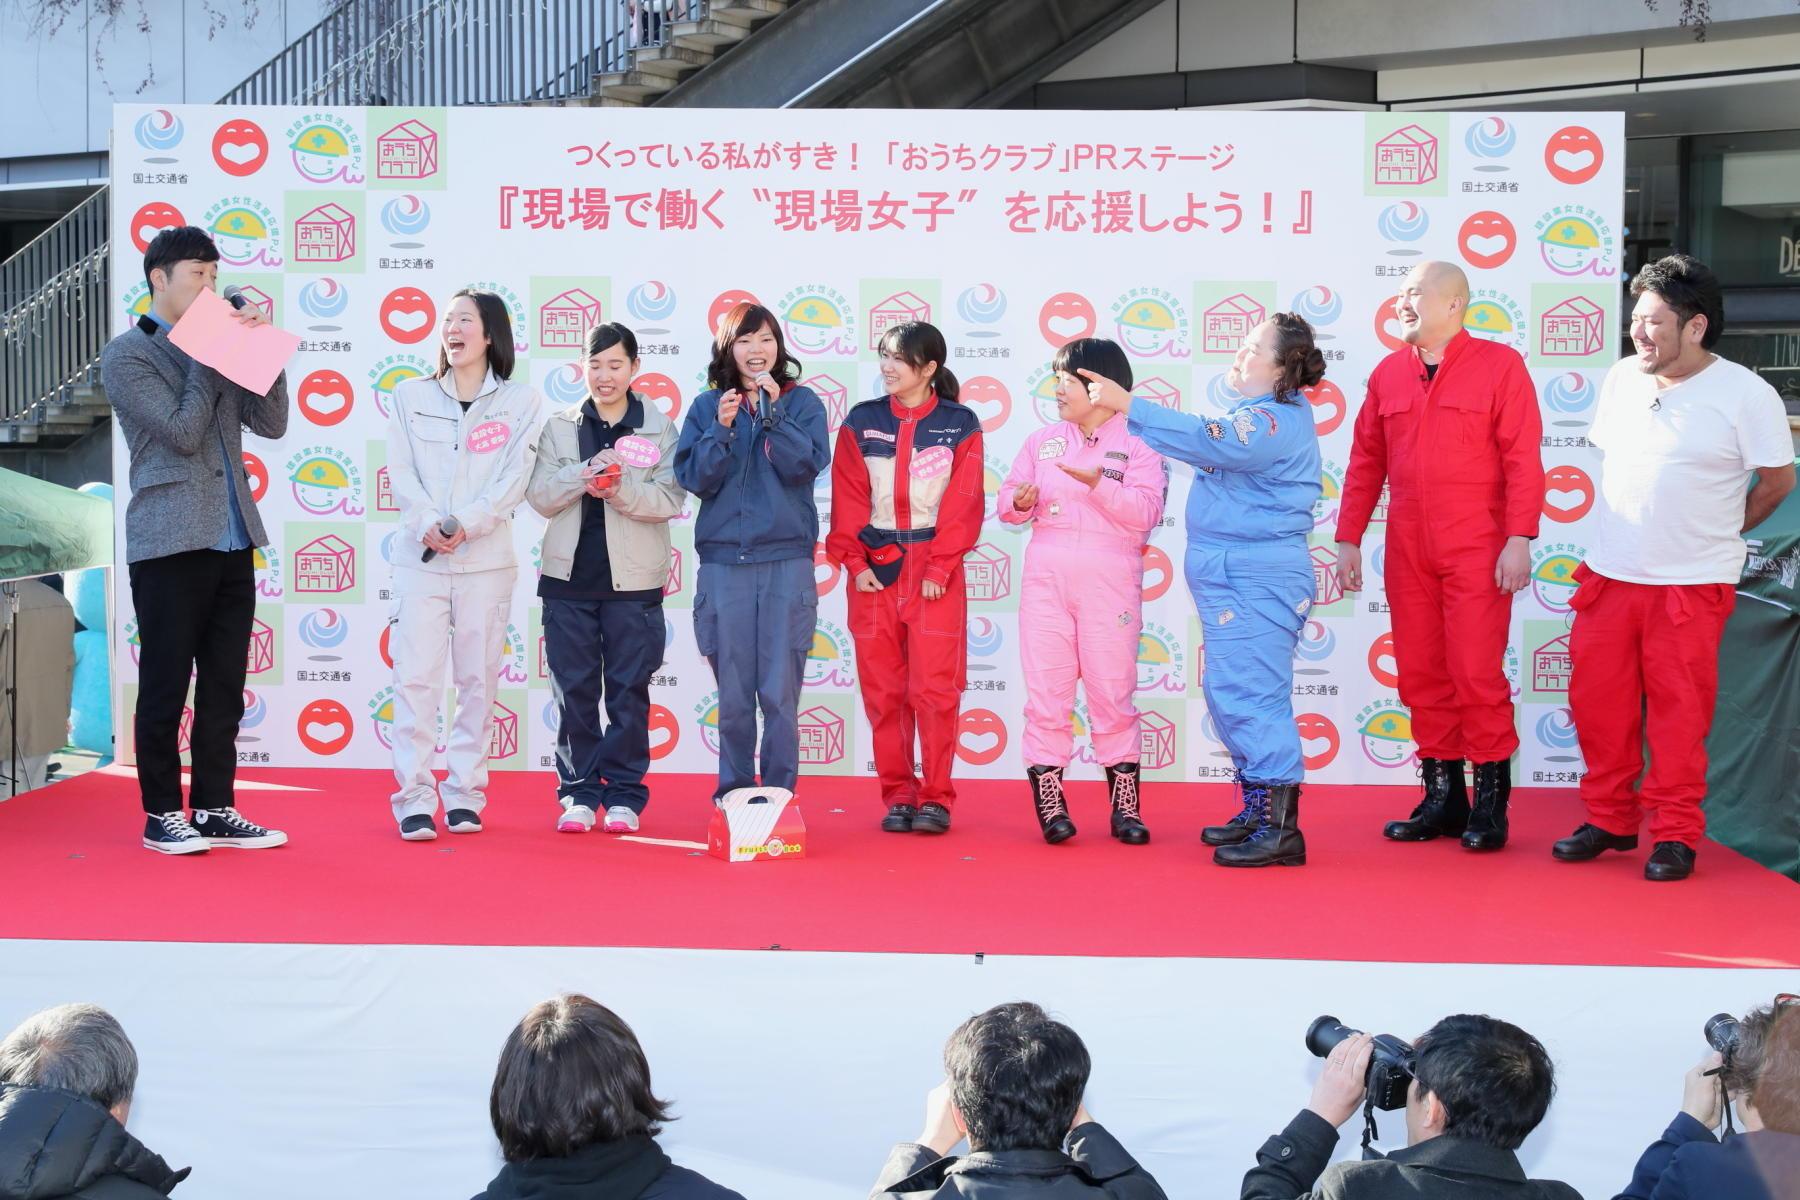 http://news.yoshimoto.co.jp/20170226095850-e969f4e3311043d5398a1b475d1c82be186e098a.jpg